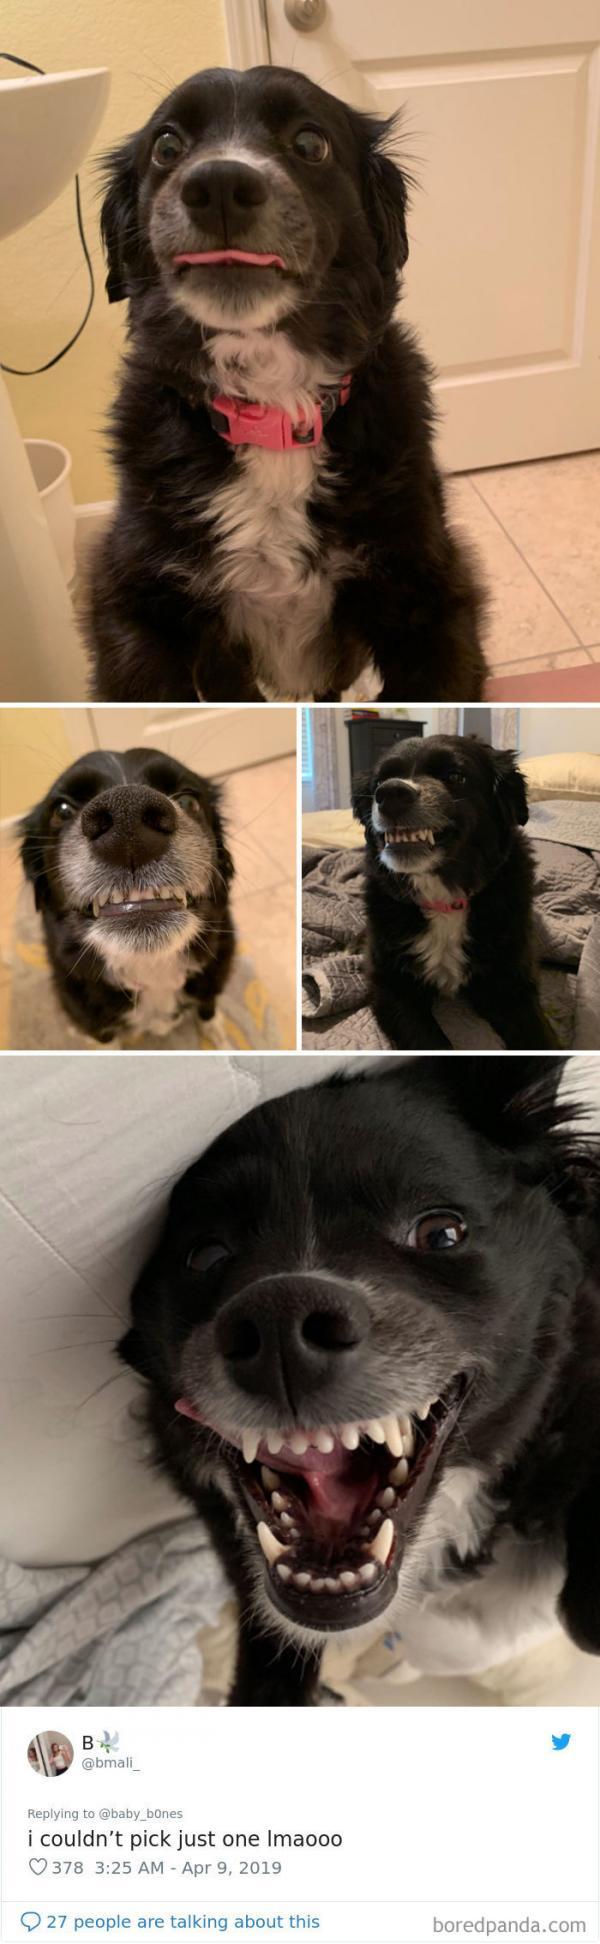 Thức tỉnh đi, thú cưng của bạn không phải lúc nào cũng dễ thương và đáng yêu đâu